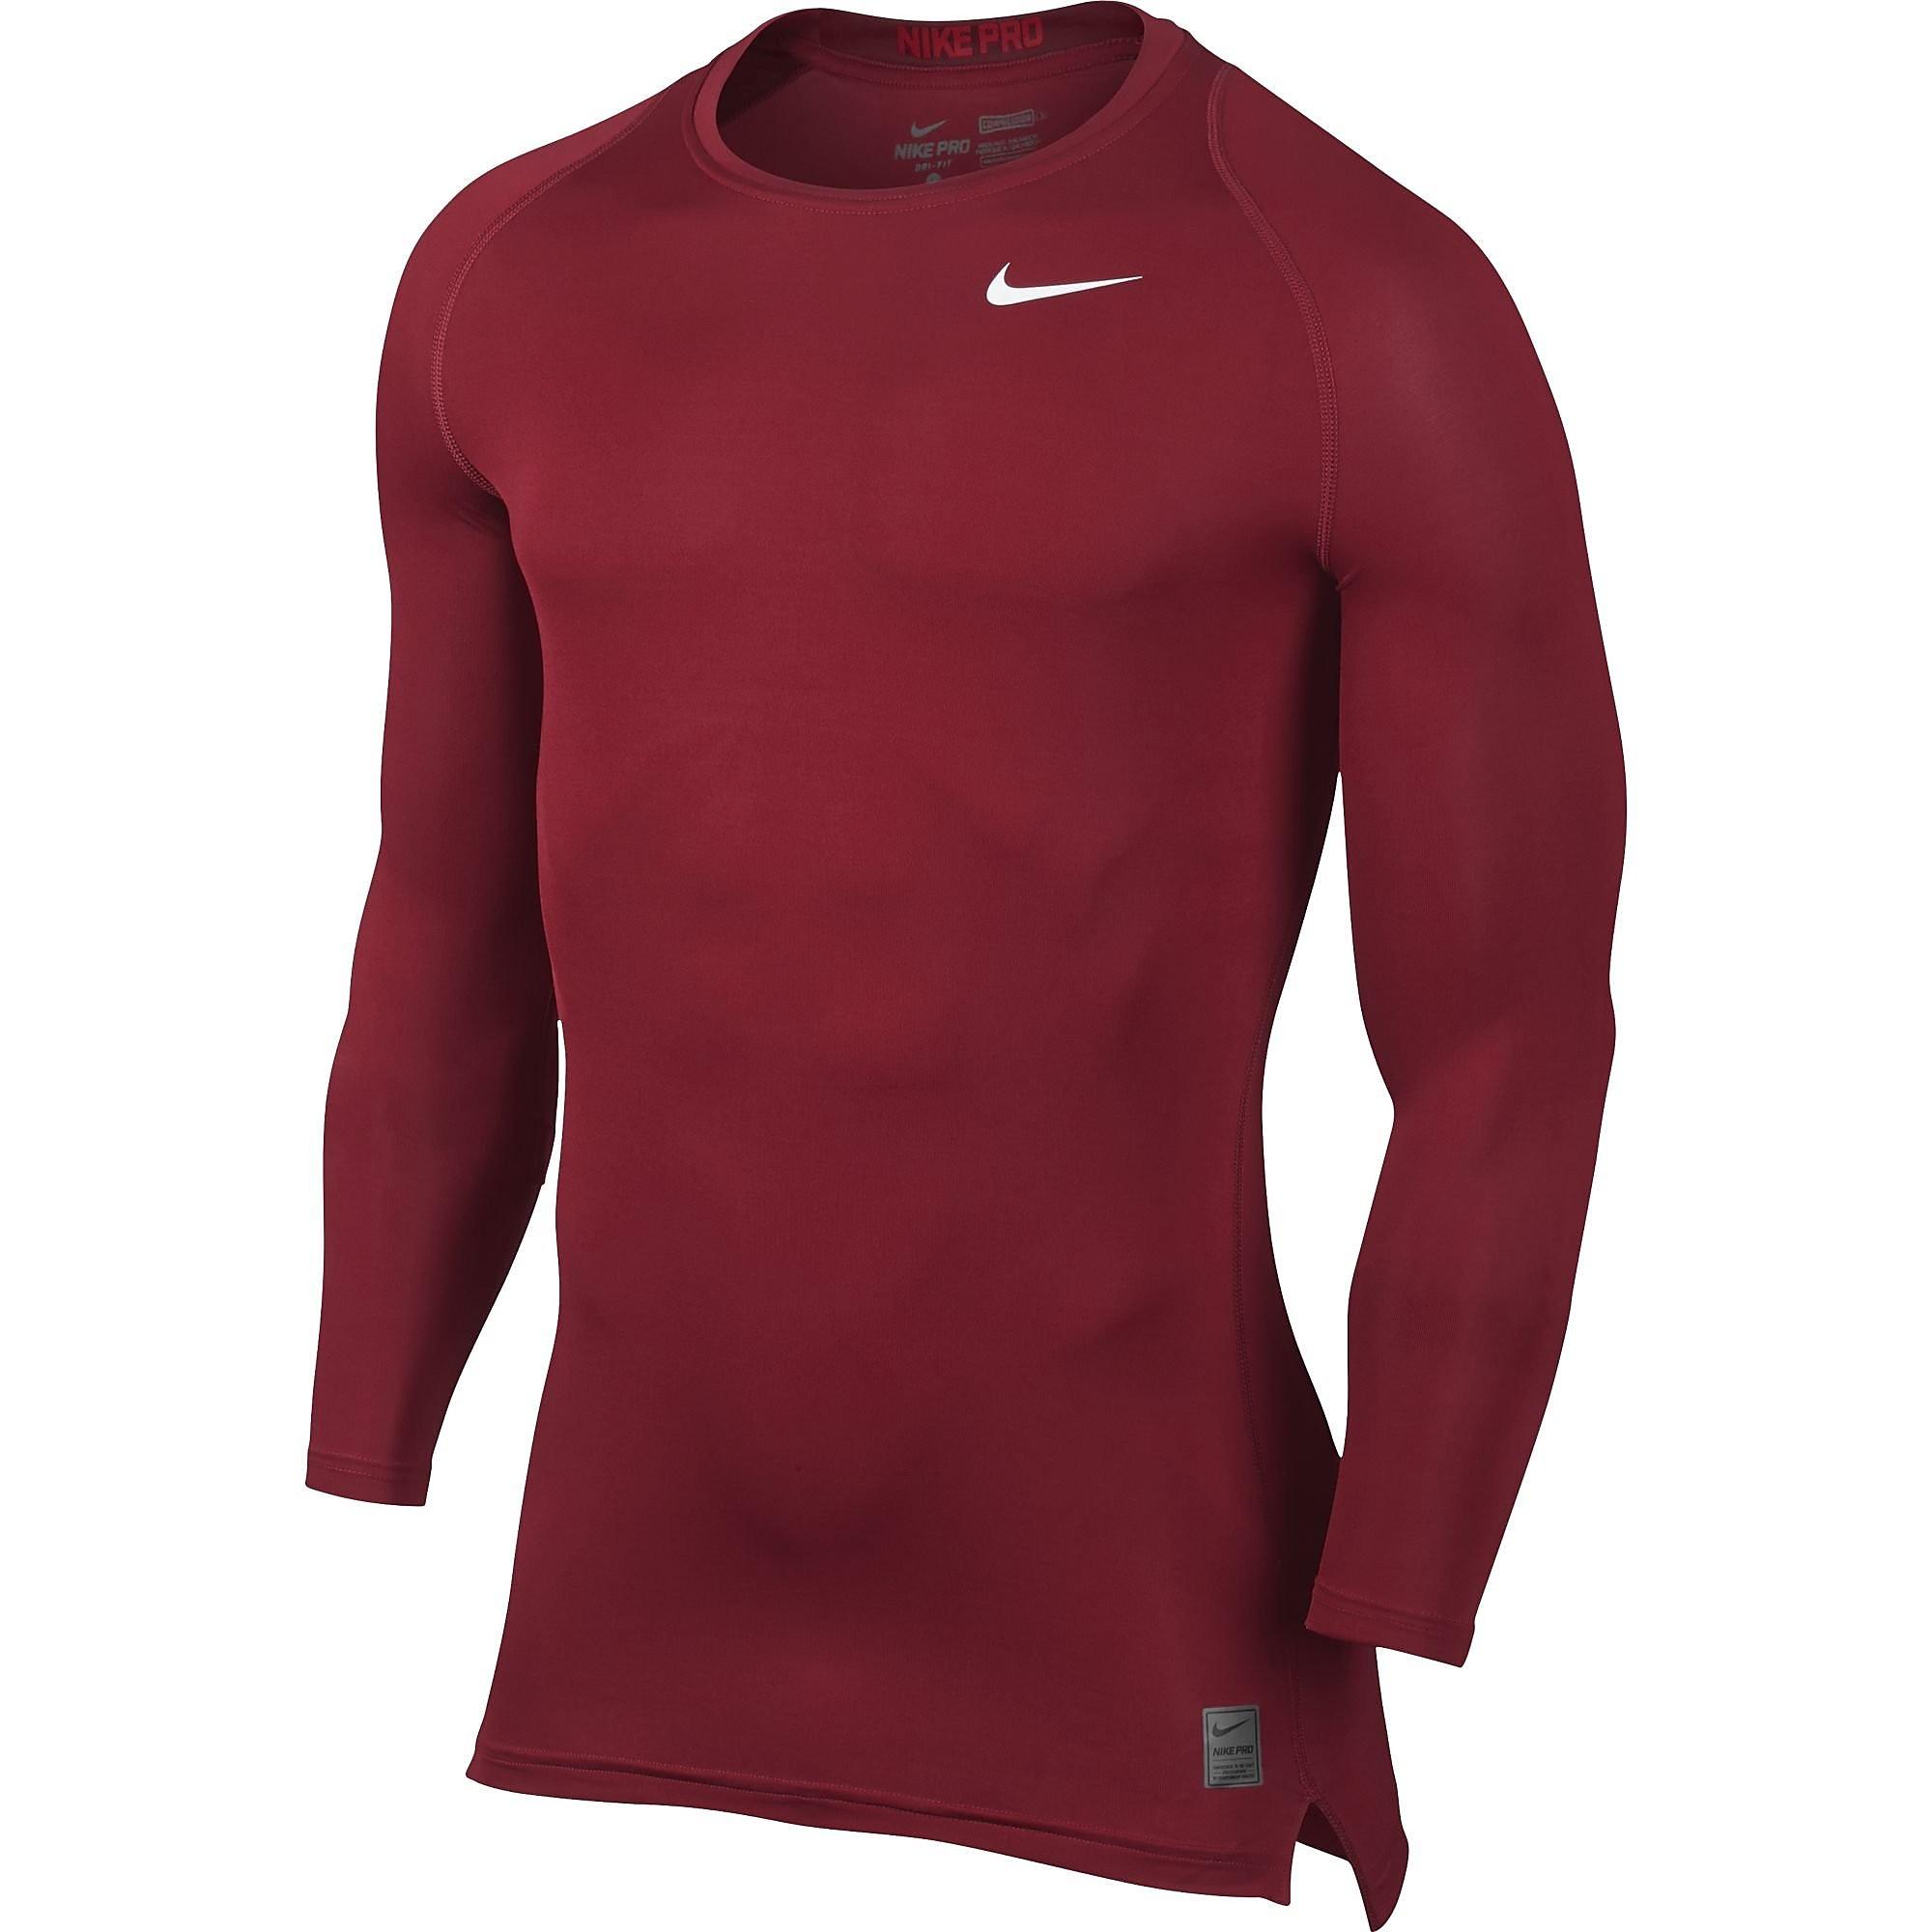 Nike COOL COMP LS